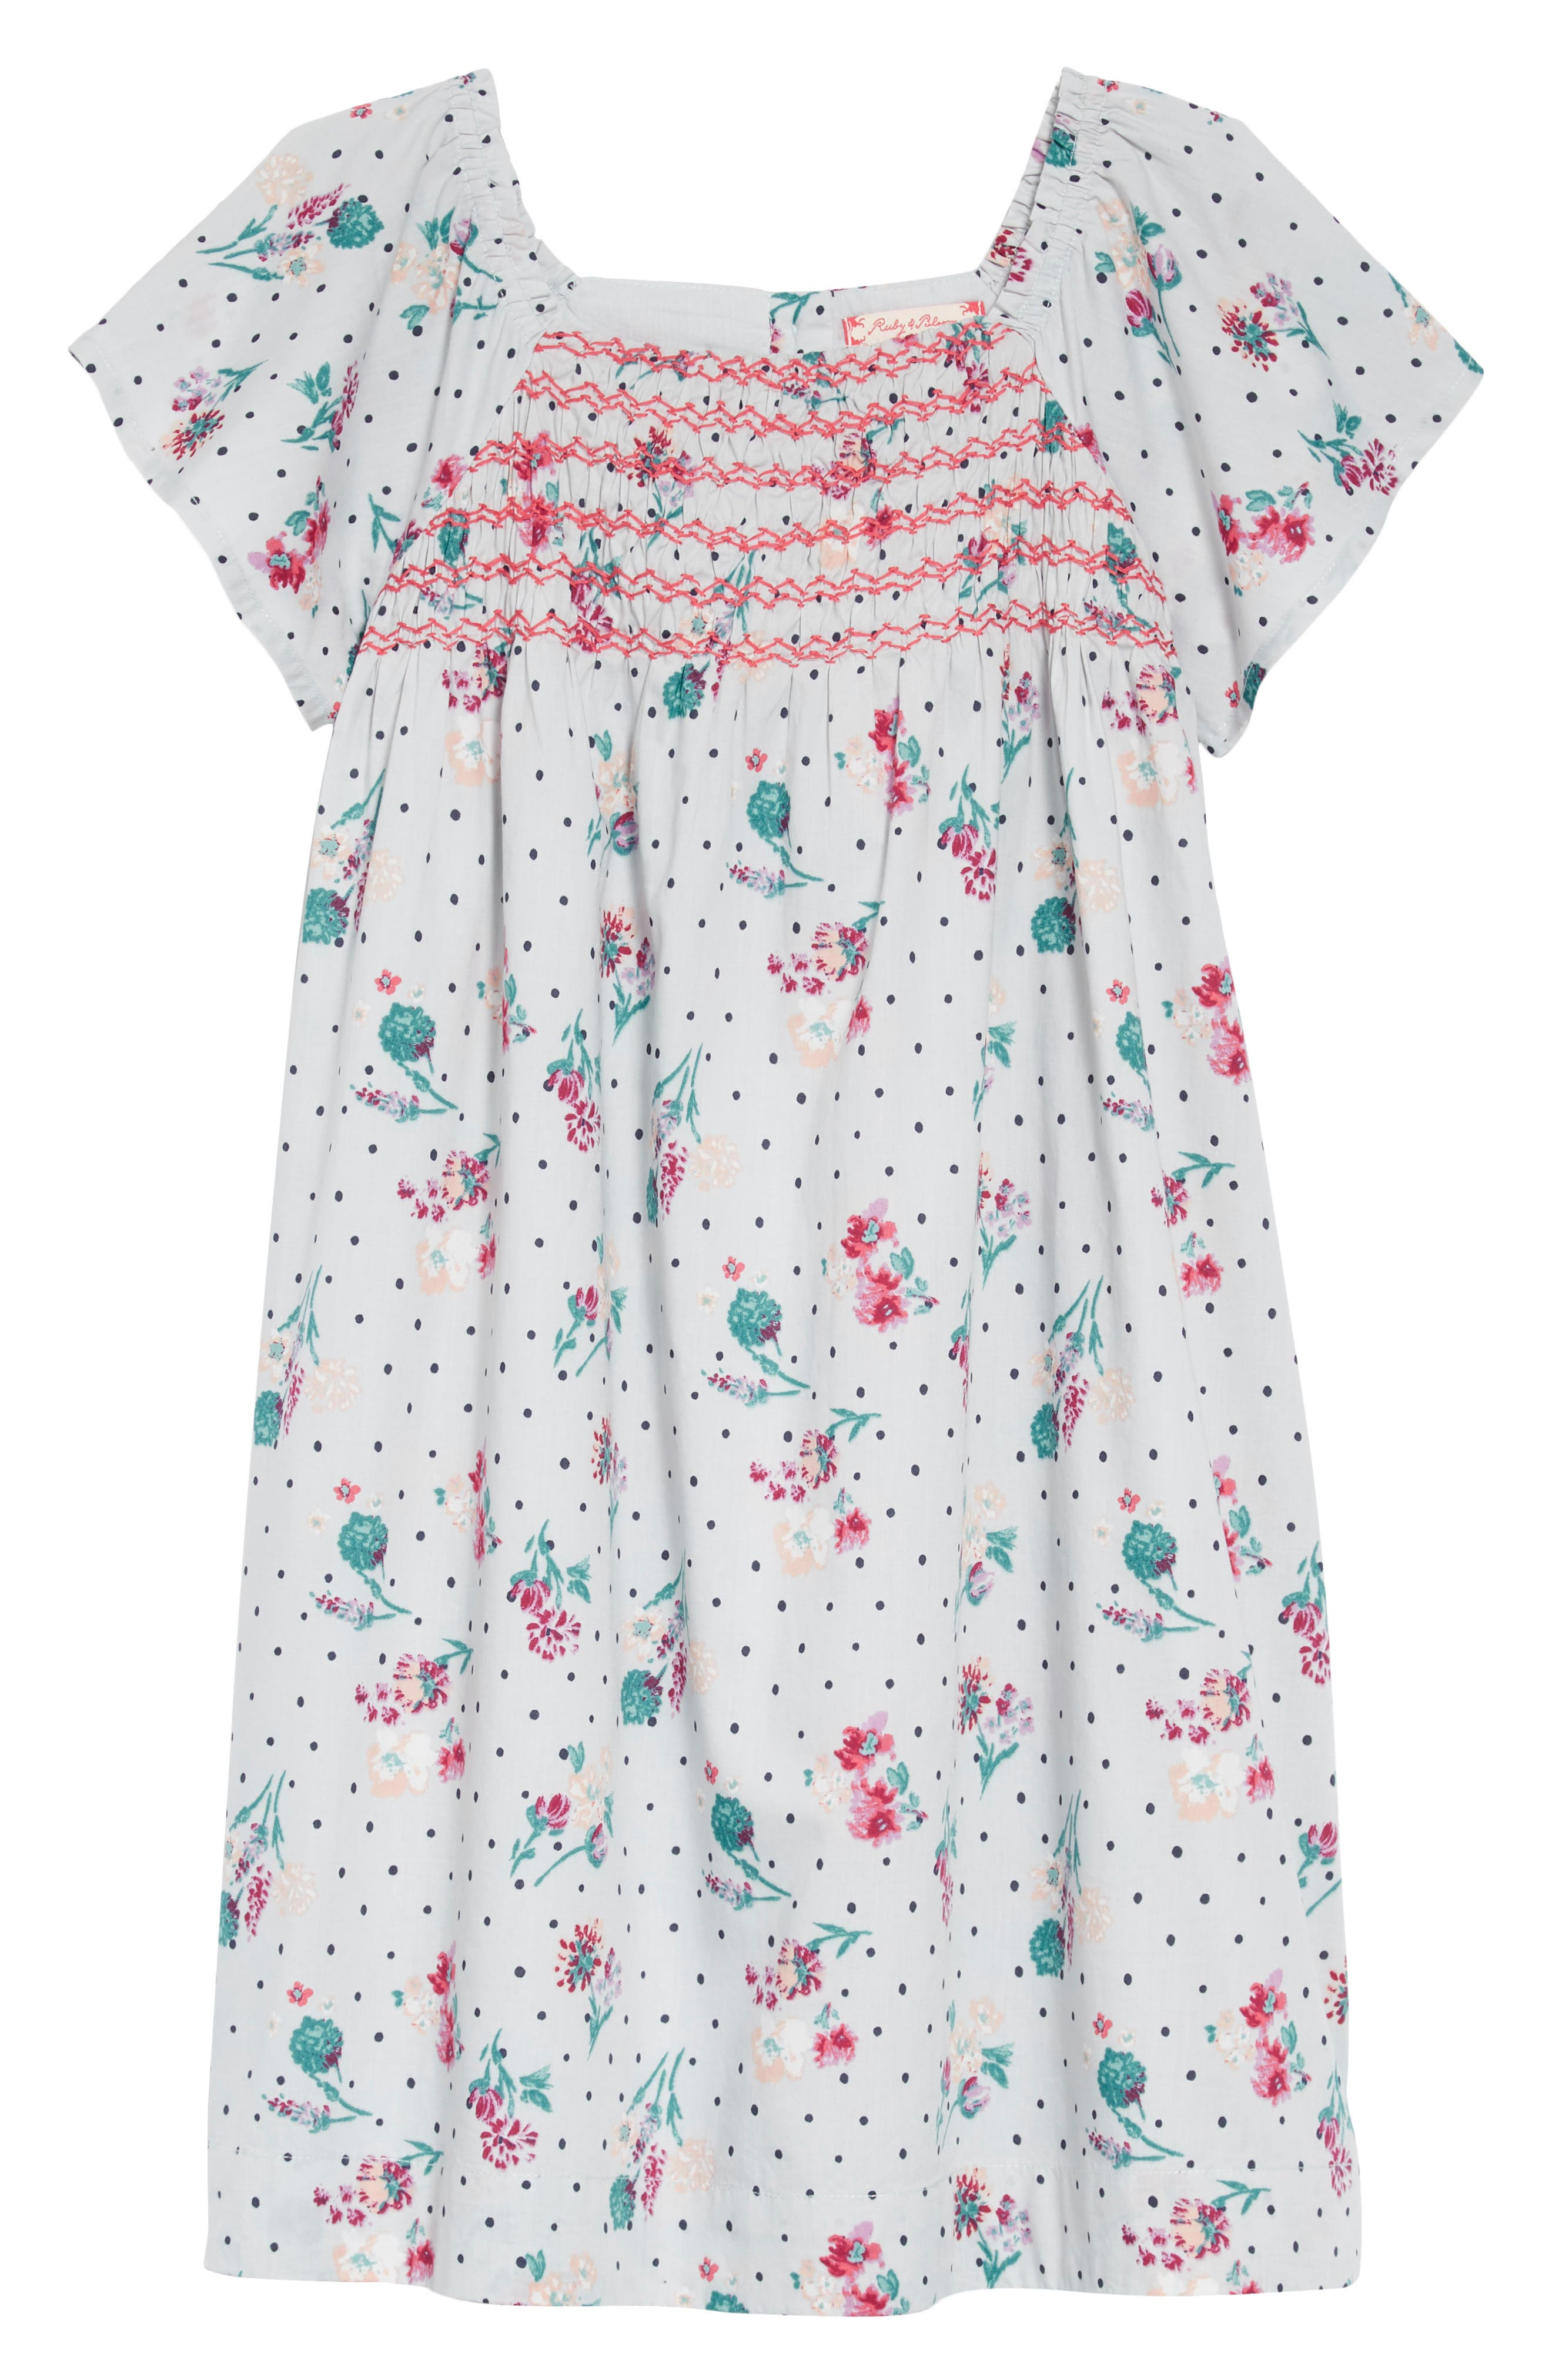 Floral Smock Dress,                             Main thumbnail 1, color,                             GREY VIOLET BOTANICAL GARDEN